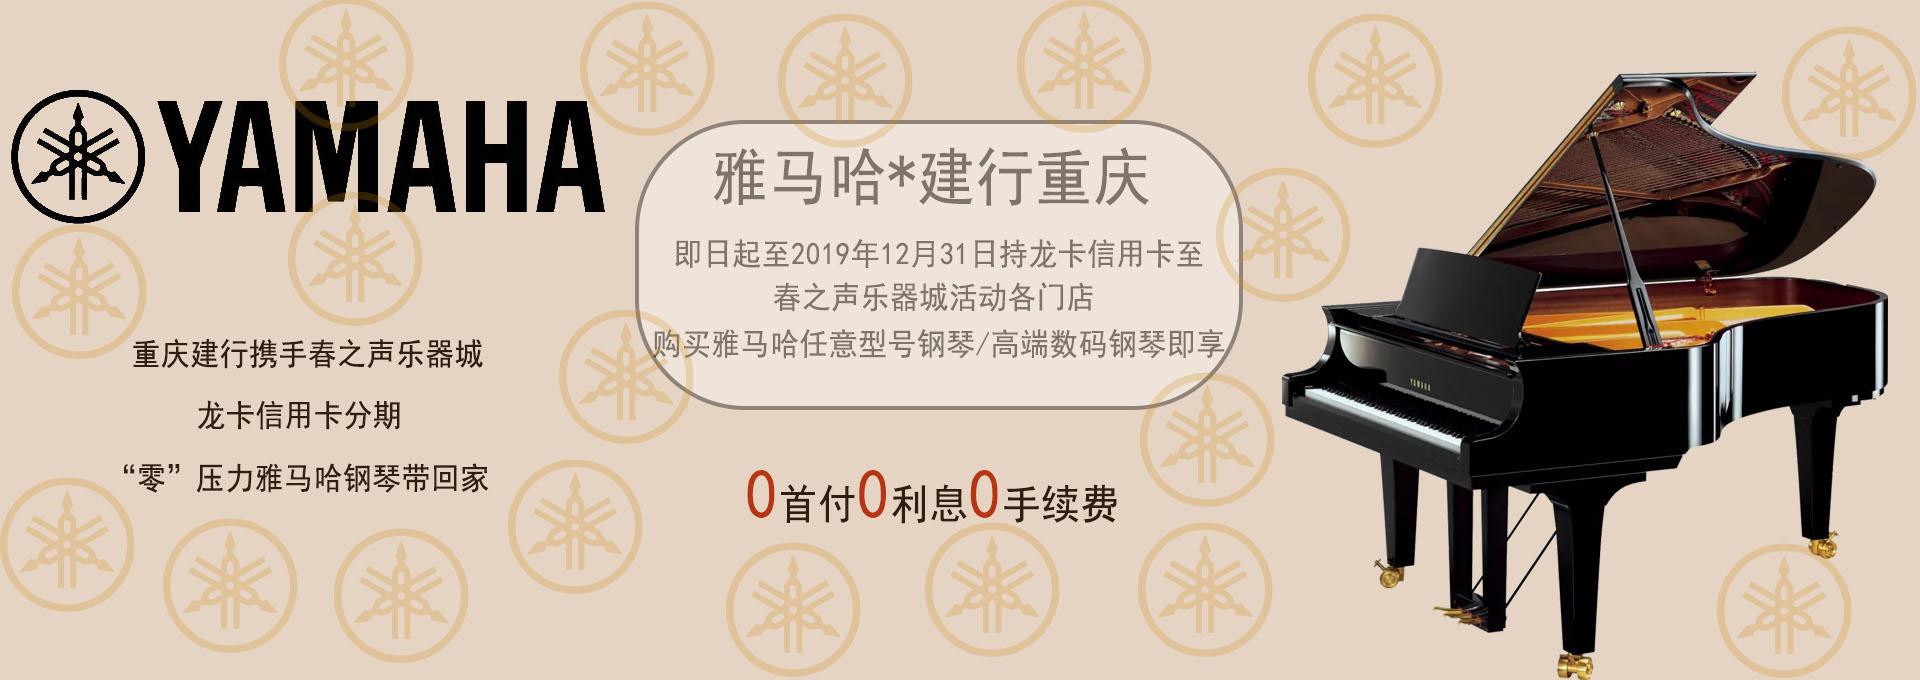 【分期】钢琴学习零压力,雅马哈分期带回家!